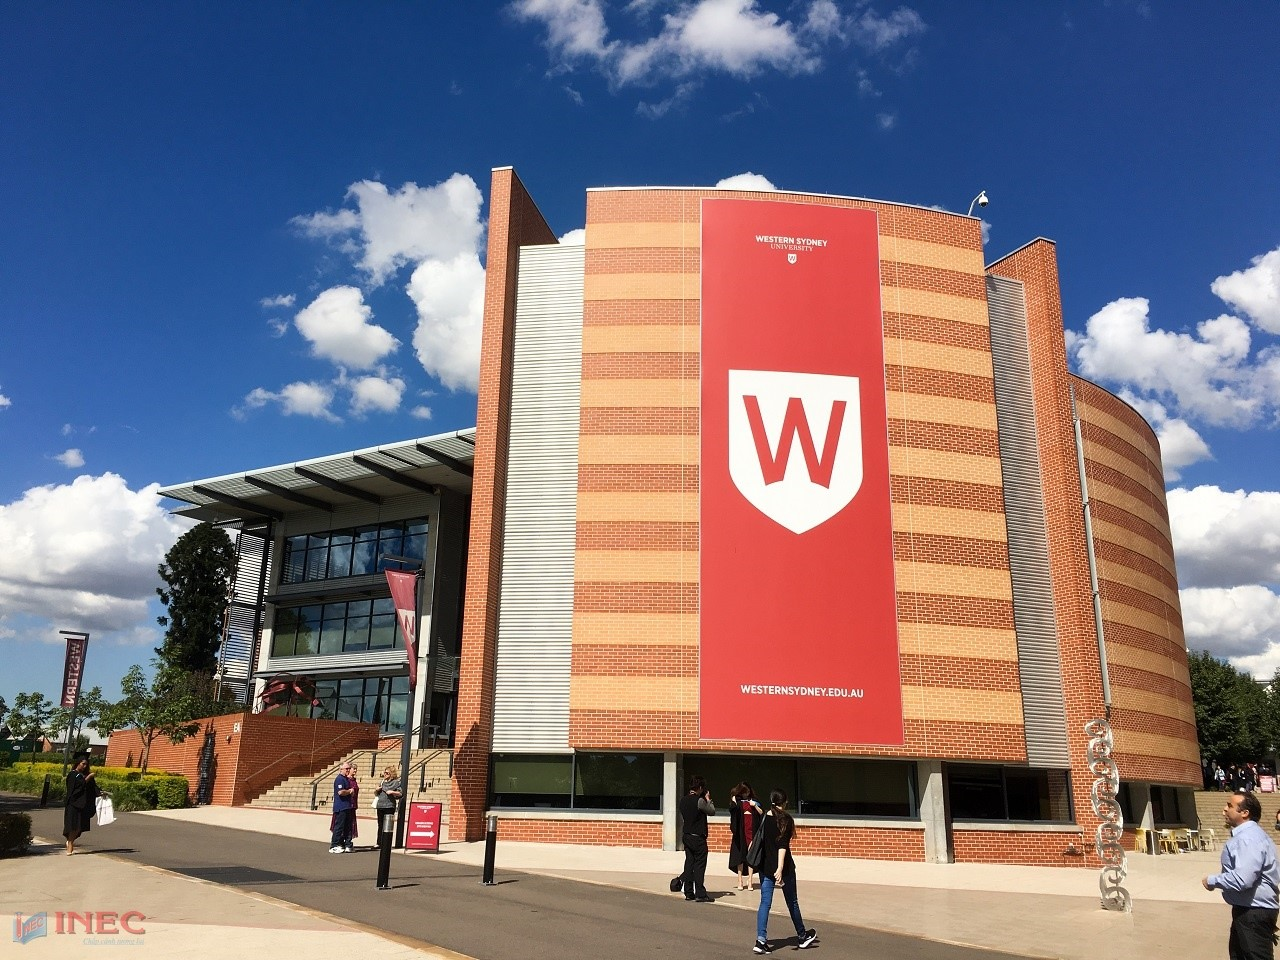 Western Sydney là trường đại học có học phí rất cạnh tranh, chỉ từ 23.000 AUD/năm